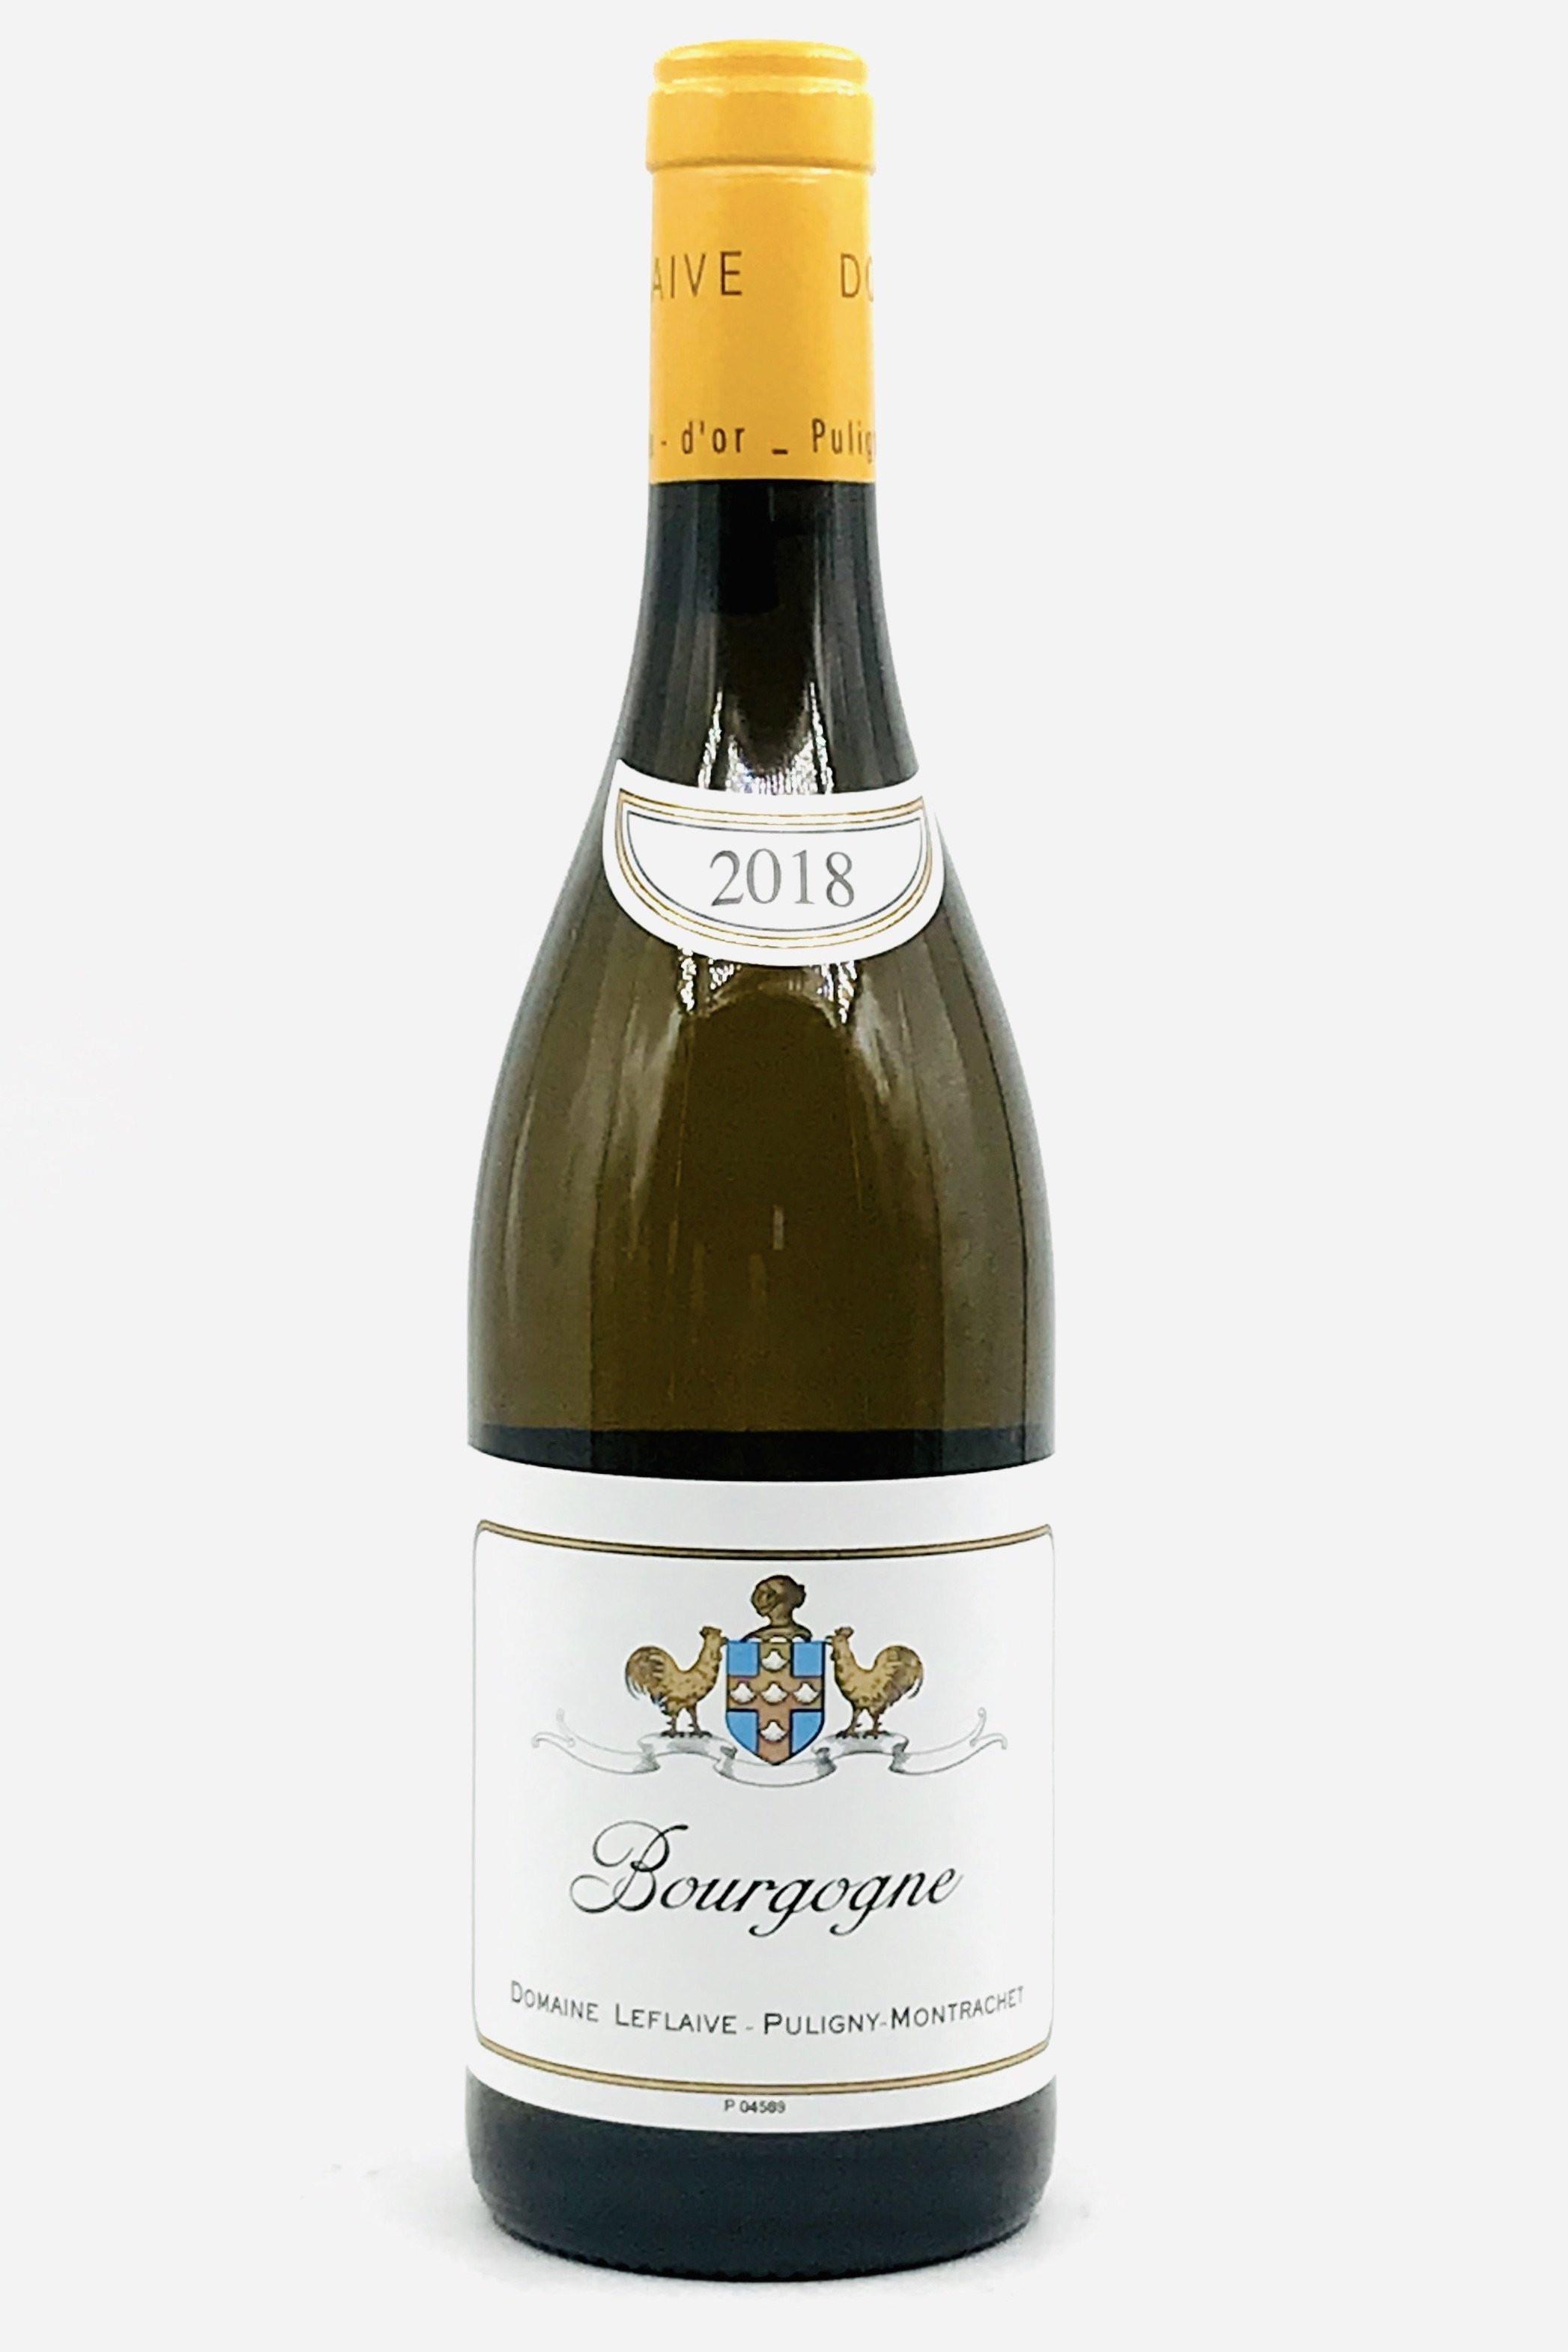 2018 Domaine Olivier Leflaive Bourgogne Blanc 750ml